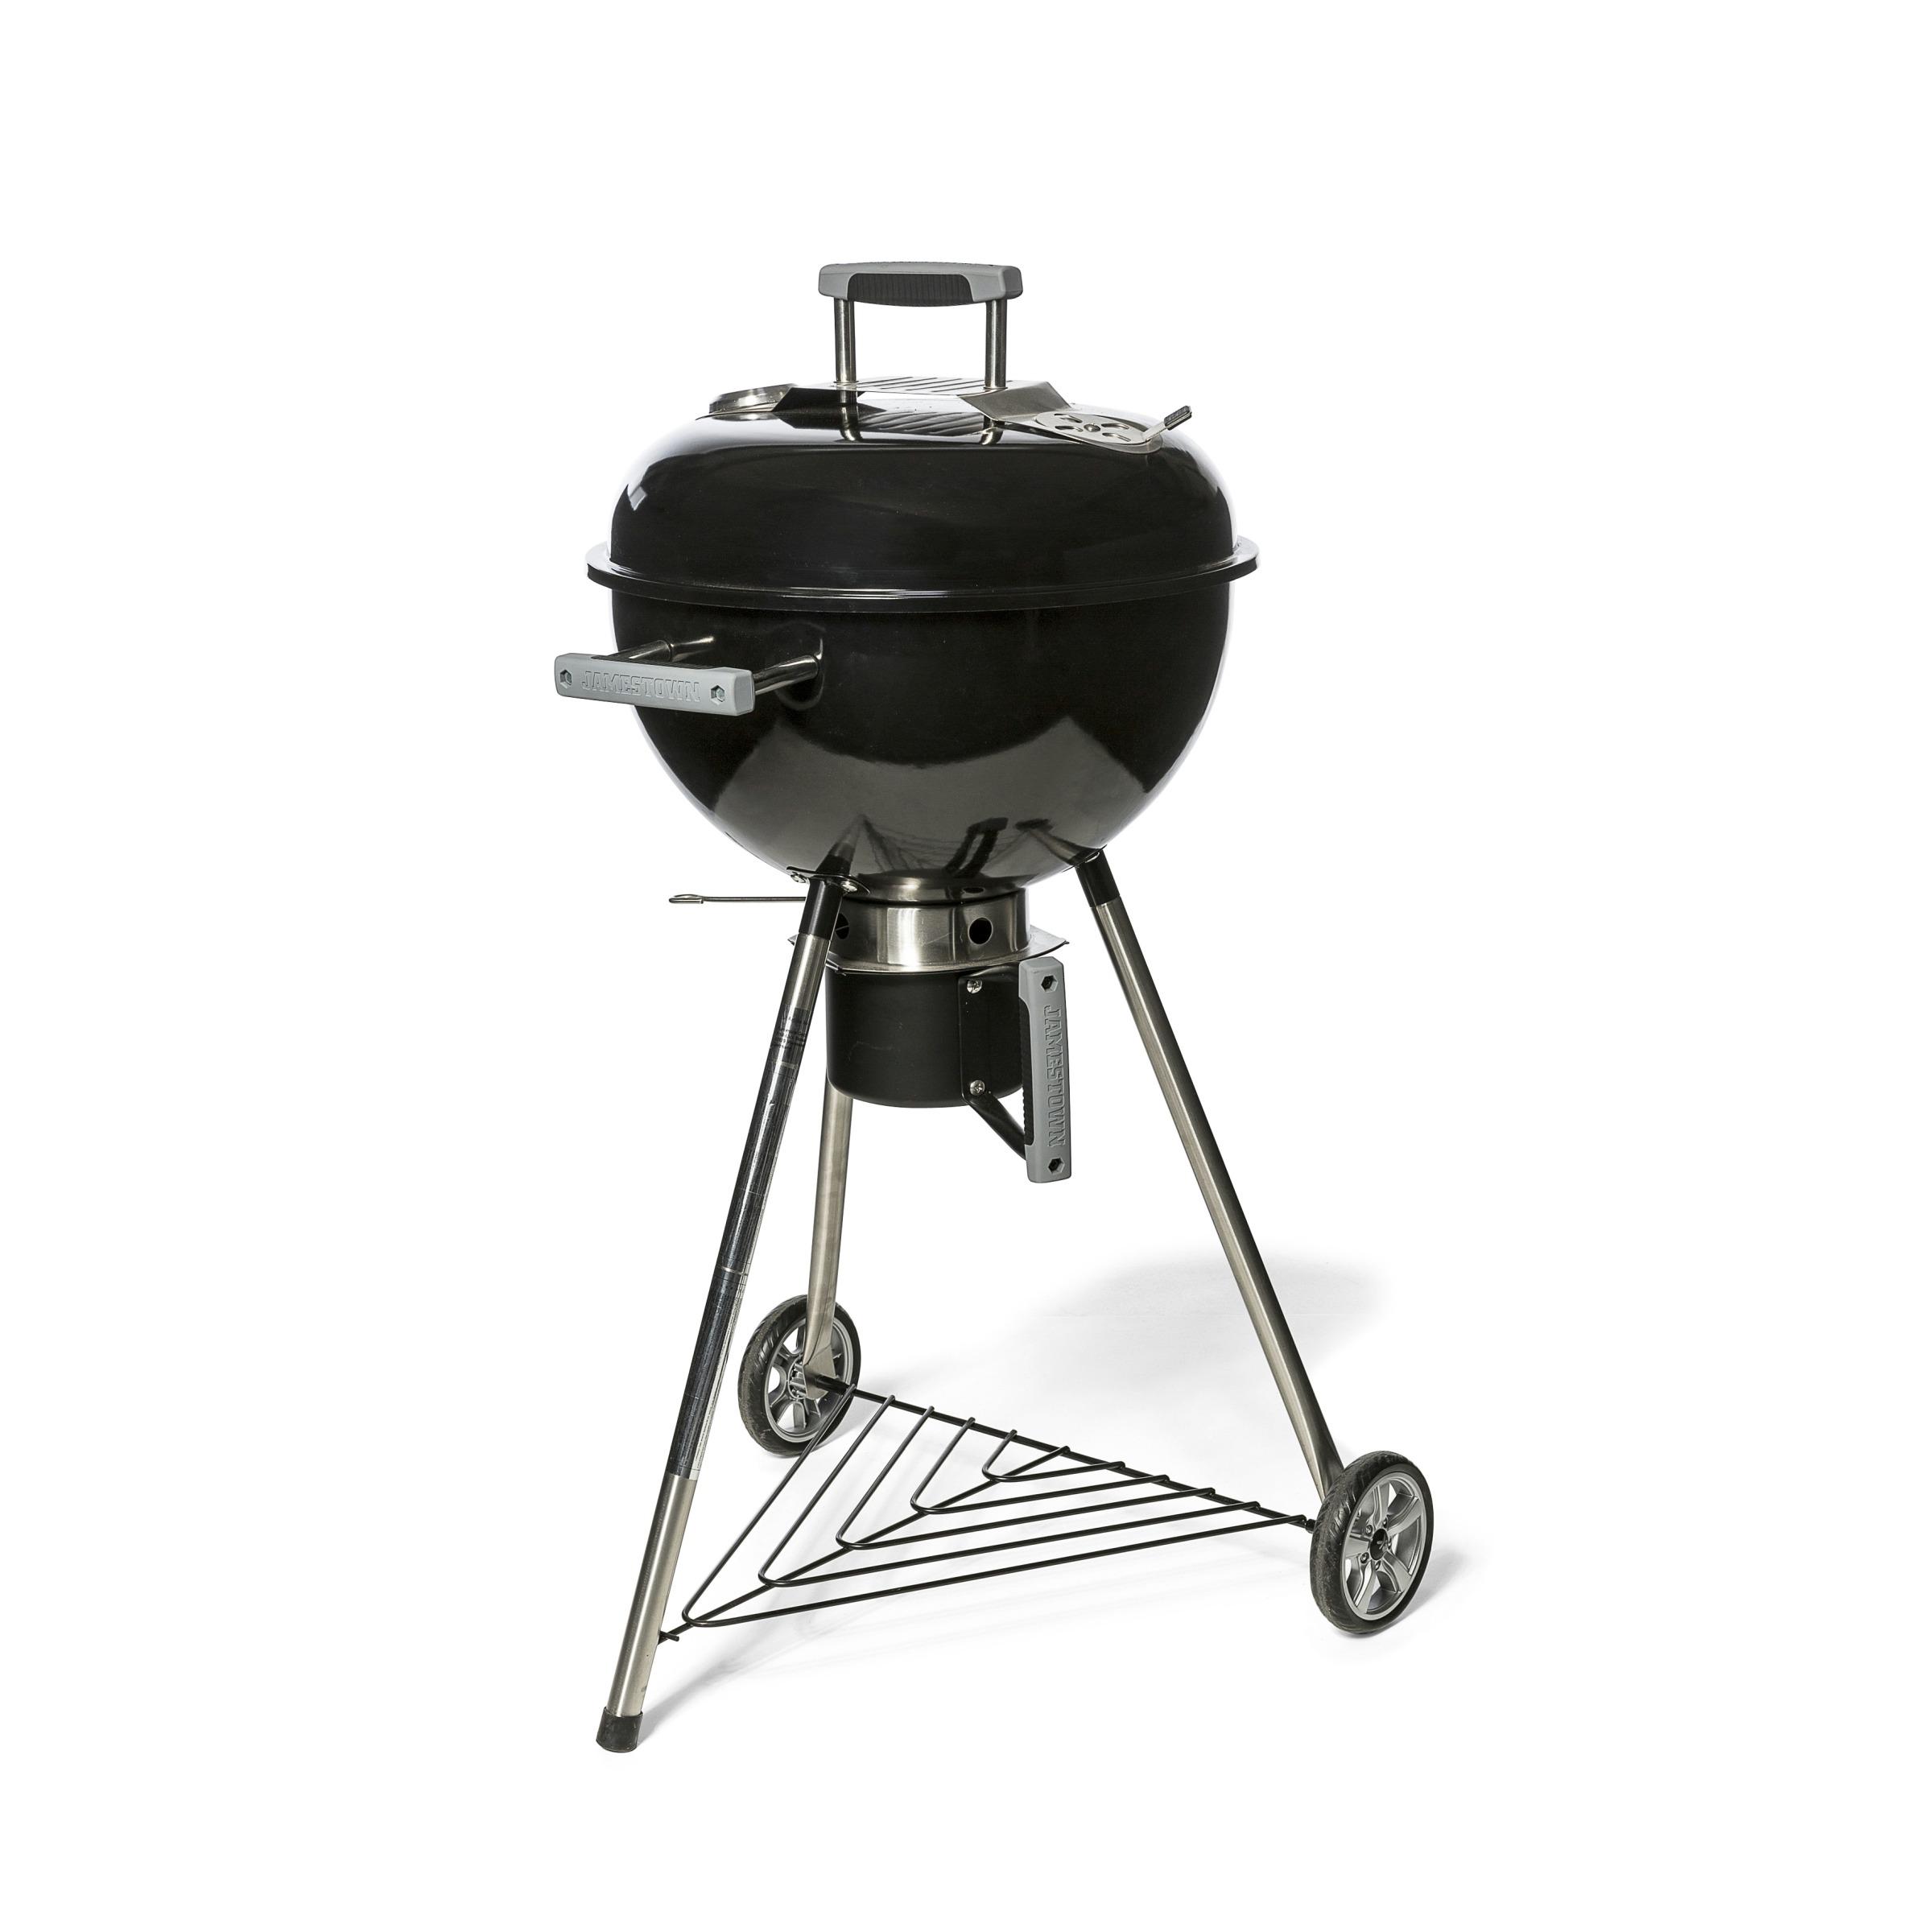 Jamestown kogelbarbecue Dexter 47 cm